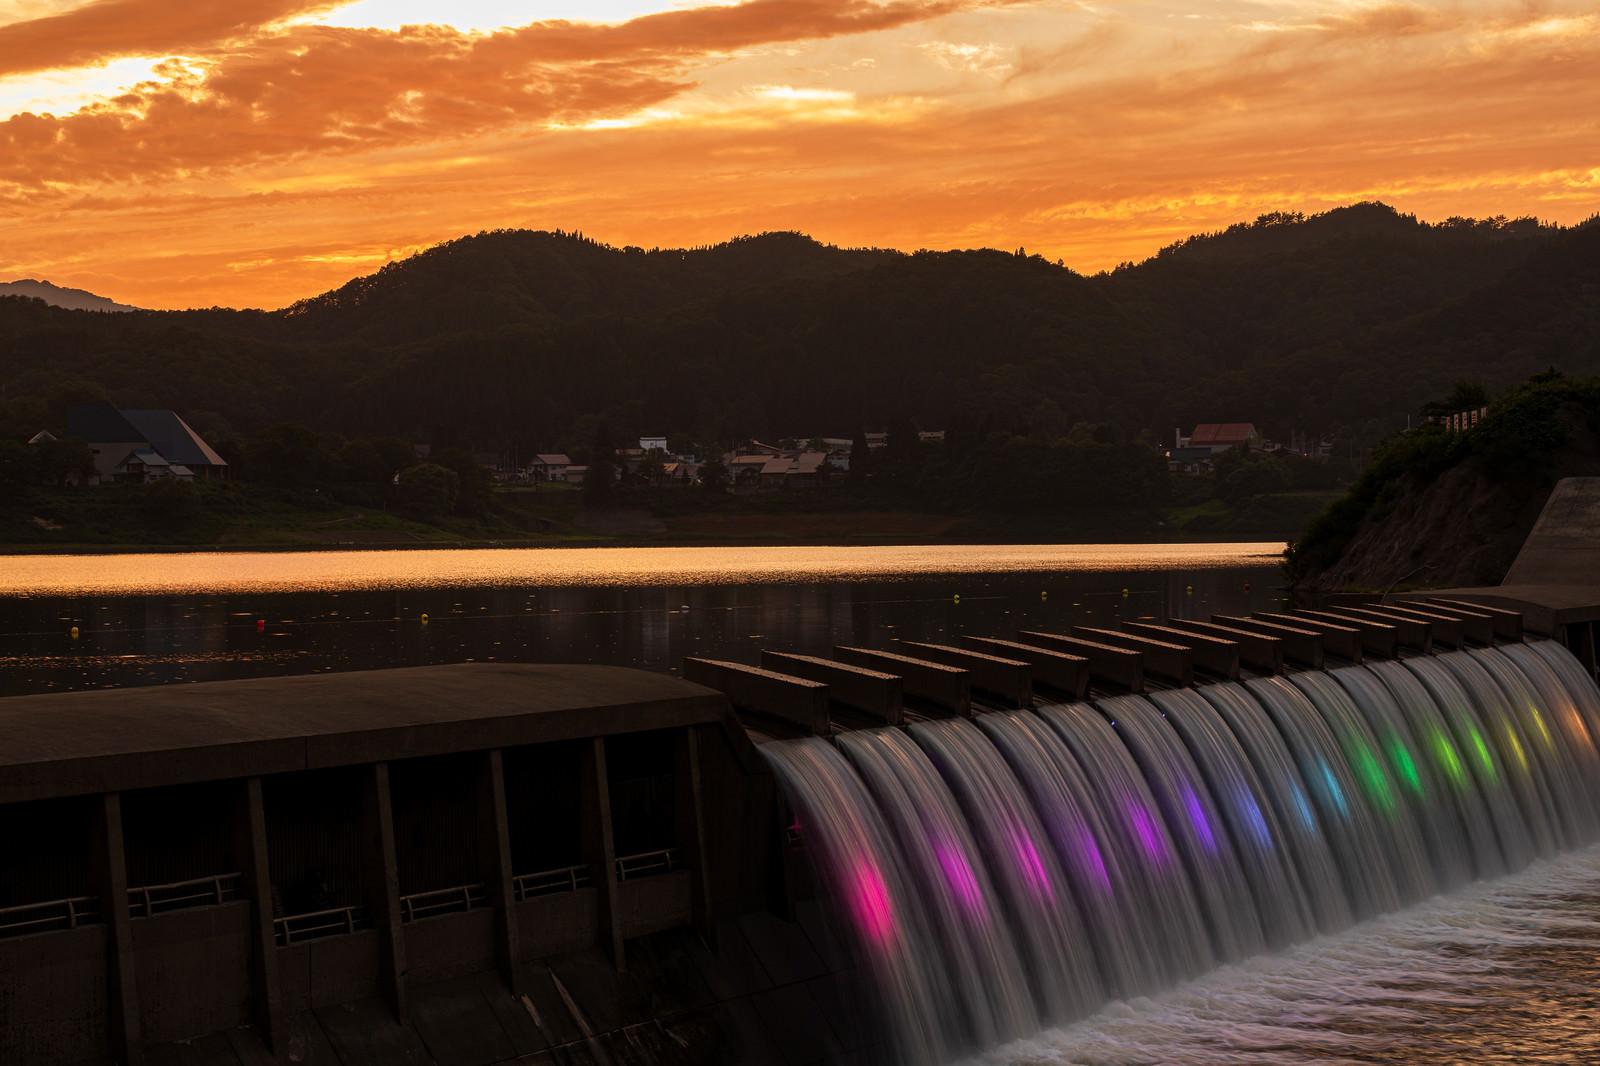 「夕暮れの錦秋湖大滝」の写真